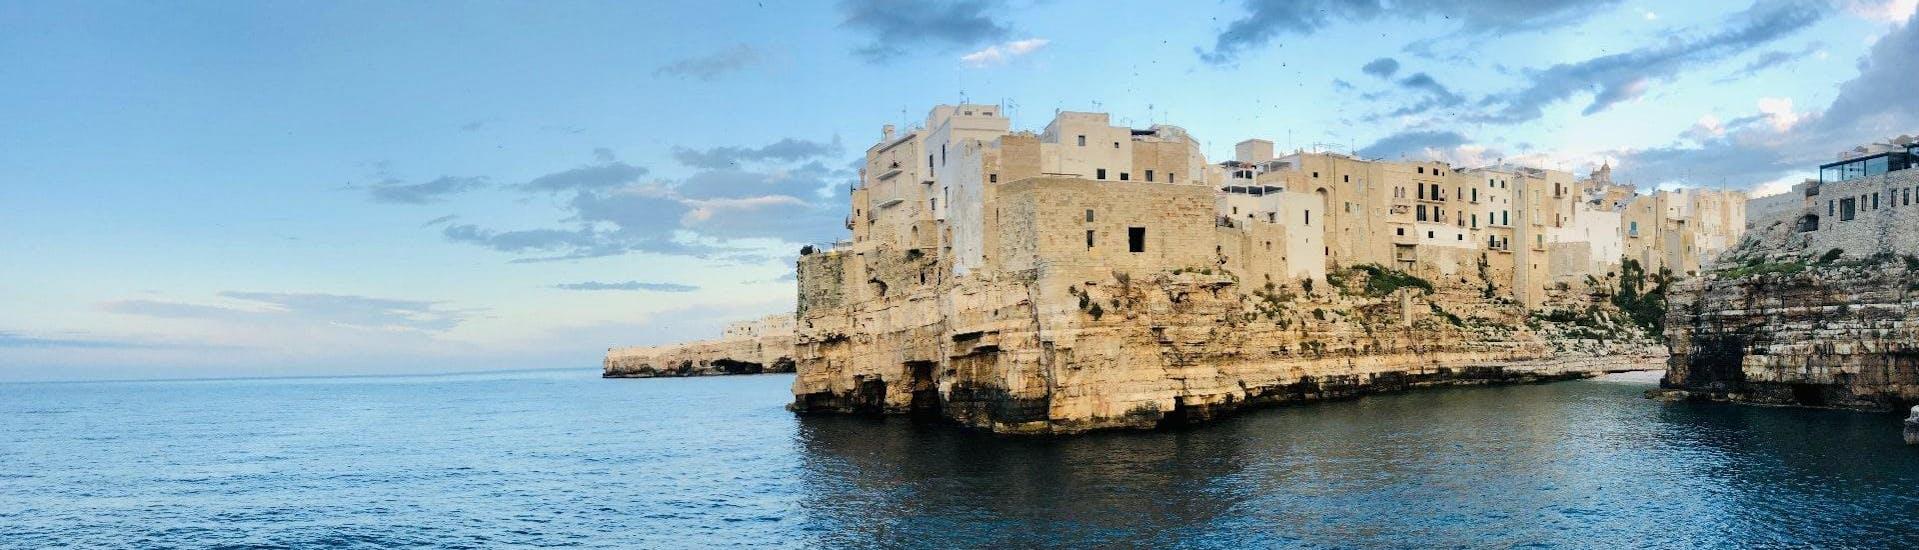 luxury-private-boat-trip-to-the-polignano-a-mare-caves-dorino-gite-in-barca-polignano-hero